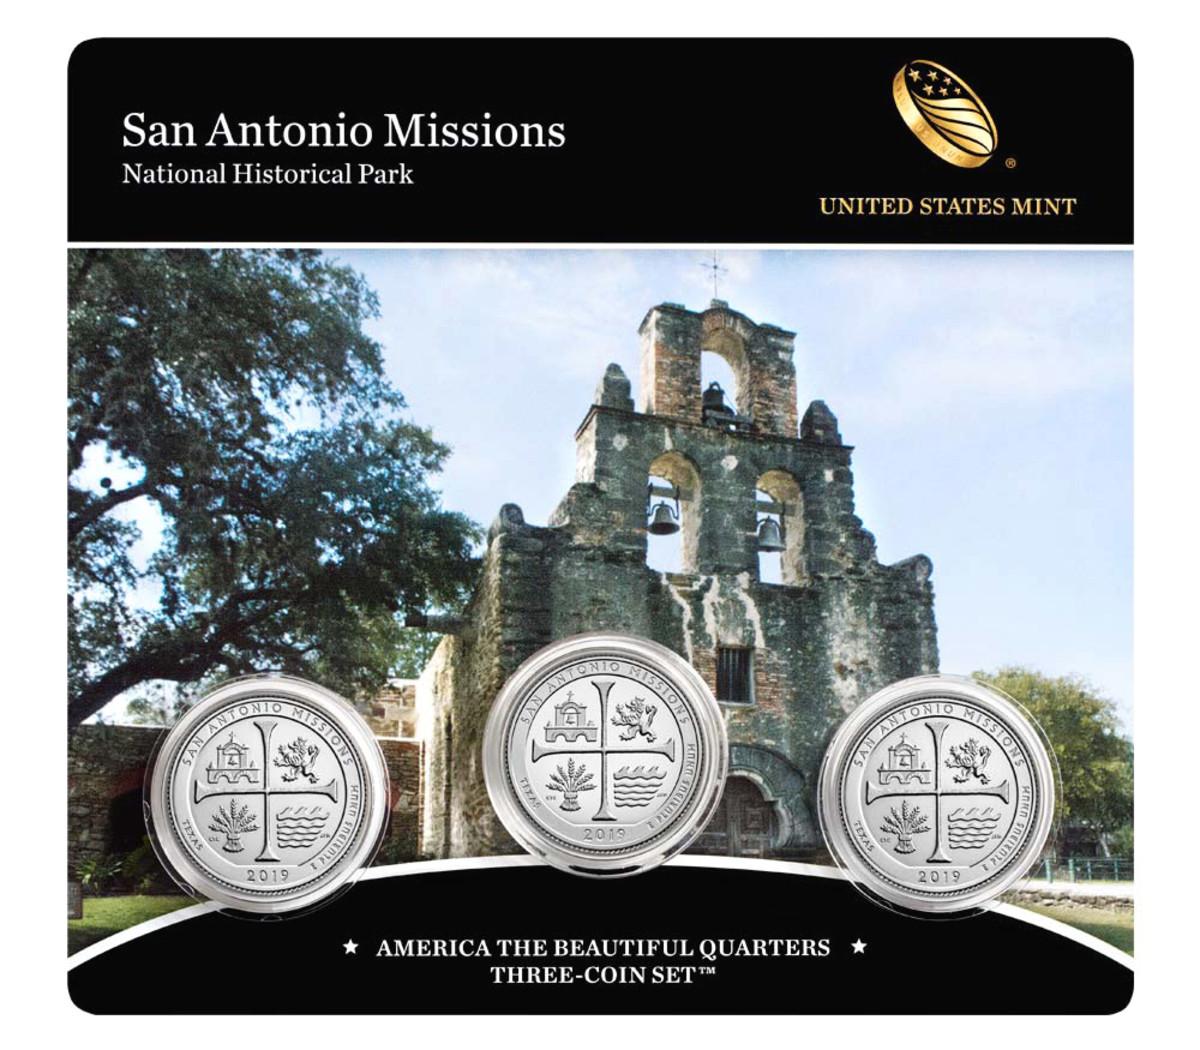 Image courtesy of the United States Mint.